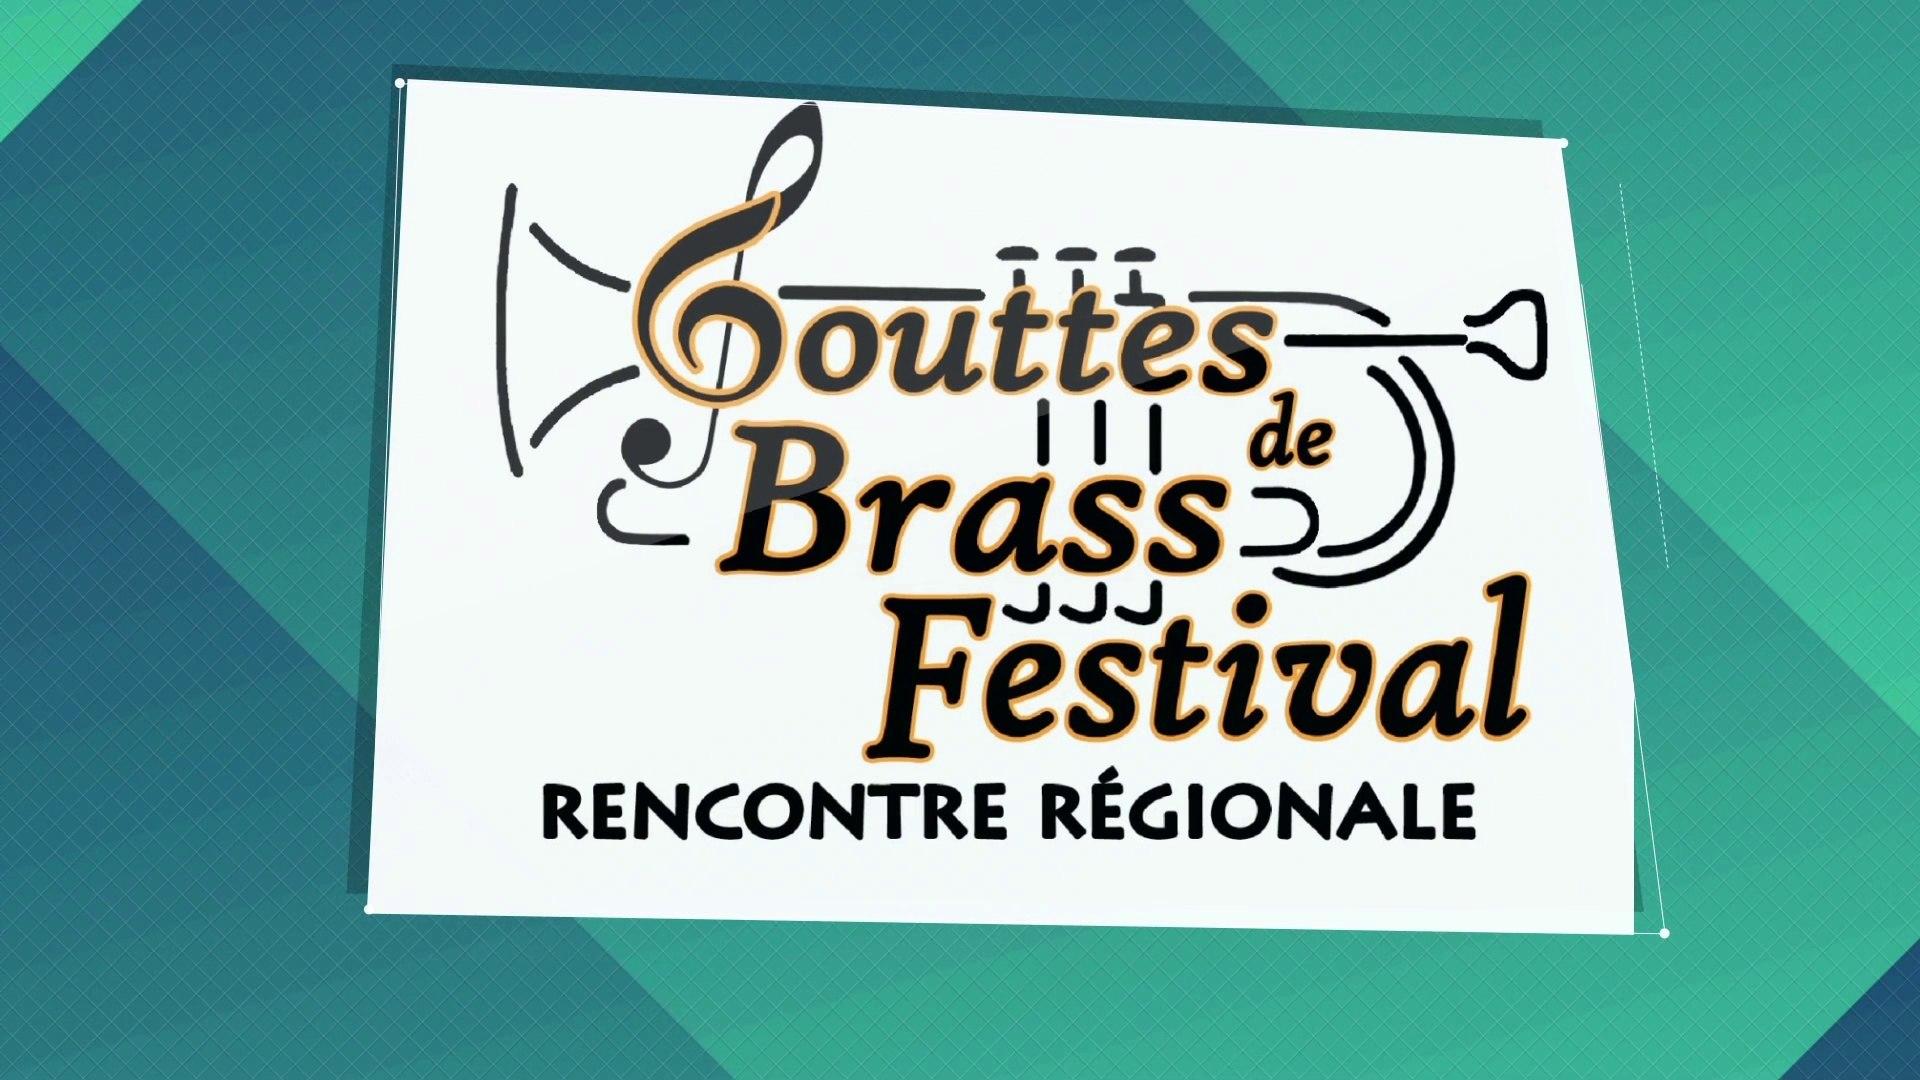 Rencontre régionale de Brass Band Gouttes de Brass Compilation